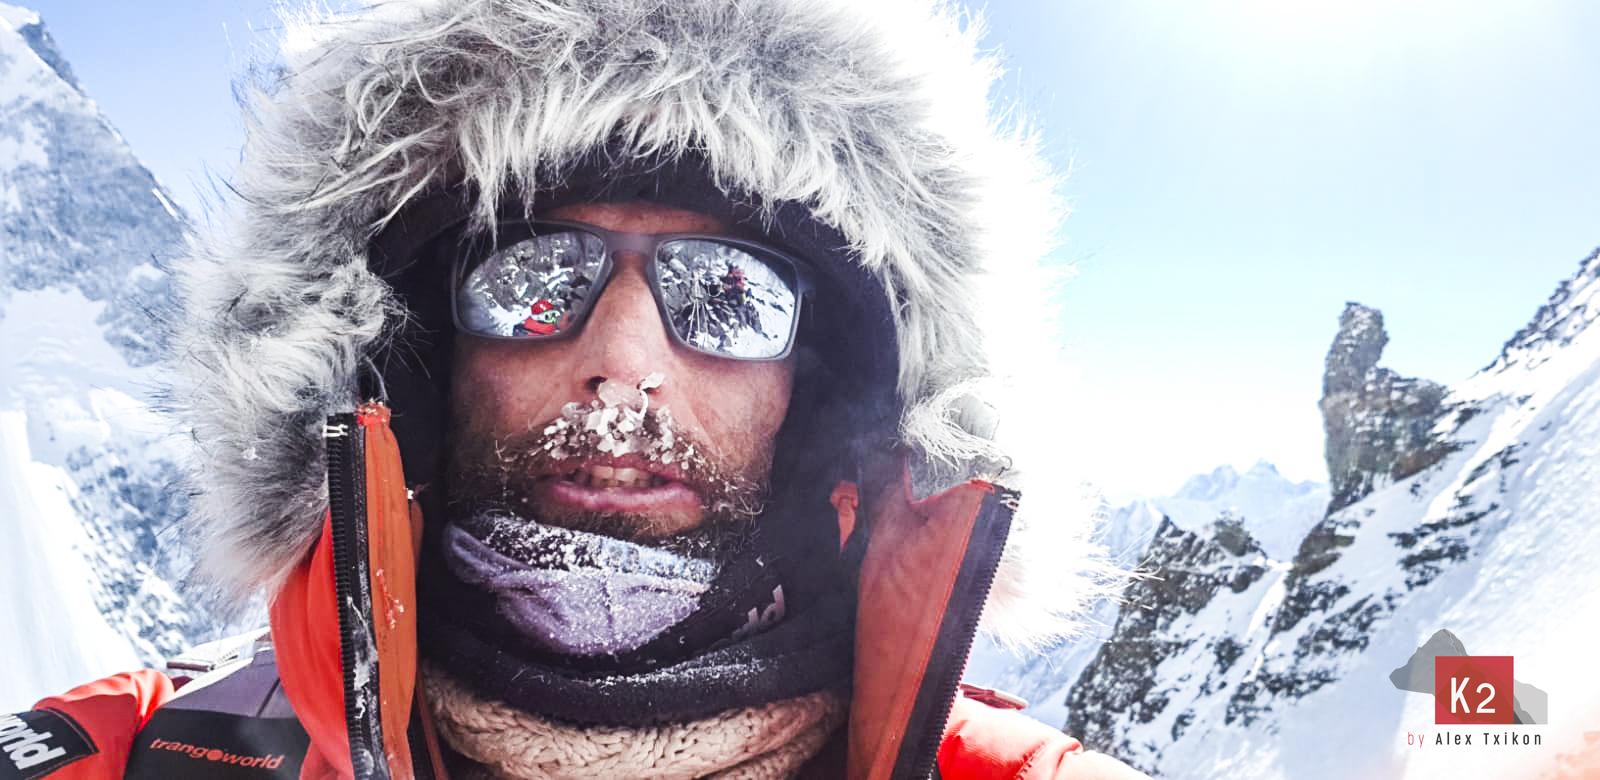 K2 Invernal 2019: La expedición Alex Txikon padece  VIENTOS HURACANADOS a 5.000m EN EL CAMPO BASE DEL K2 INVERNAL